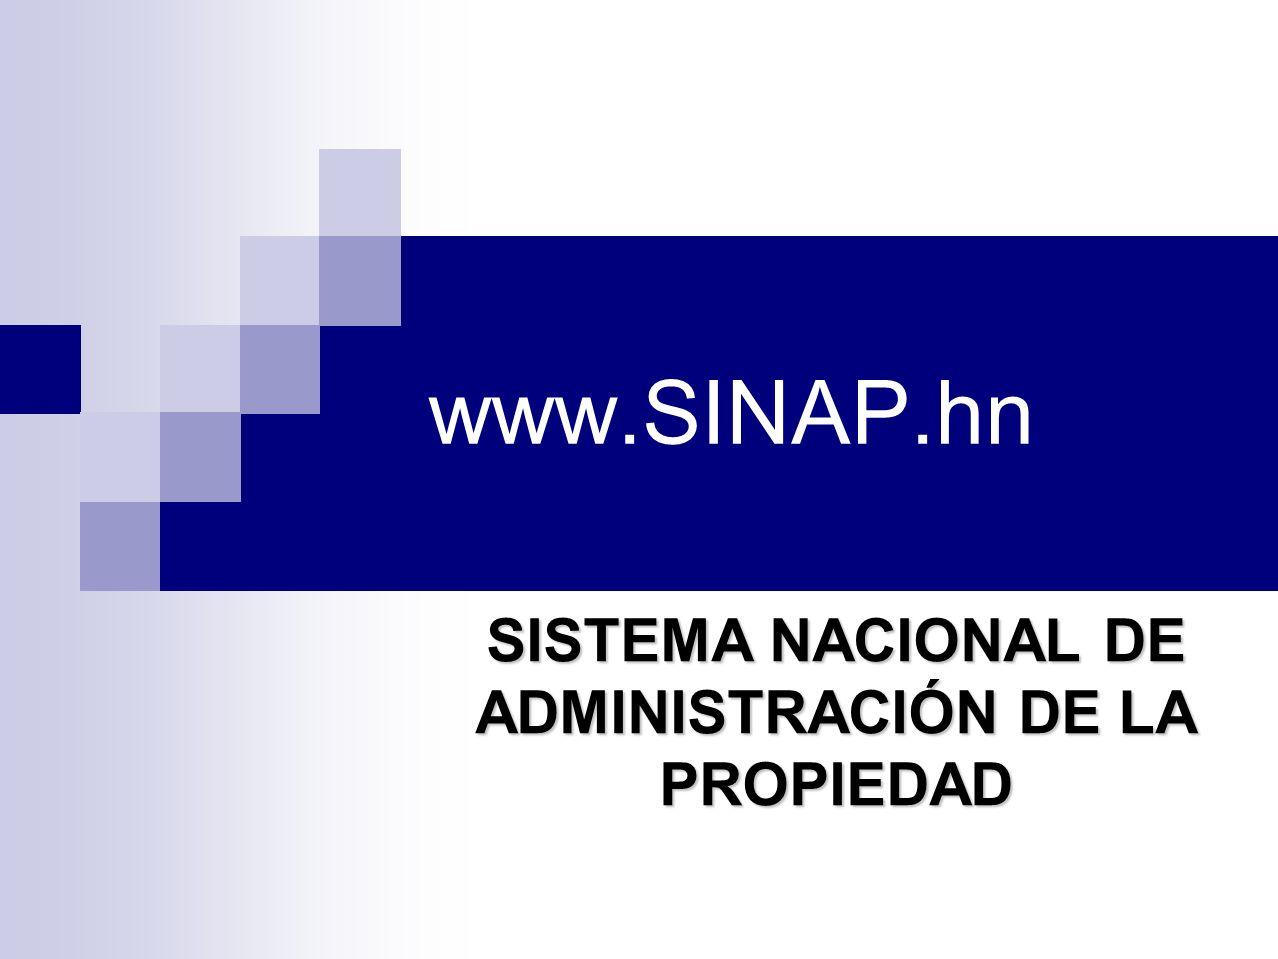 www.SINAP.hn SISTEMA NACIONAL DE ADMINISTRACIÓN DE LA PROPIEDAD